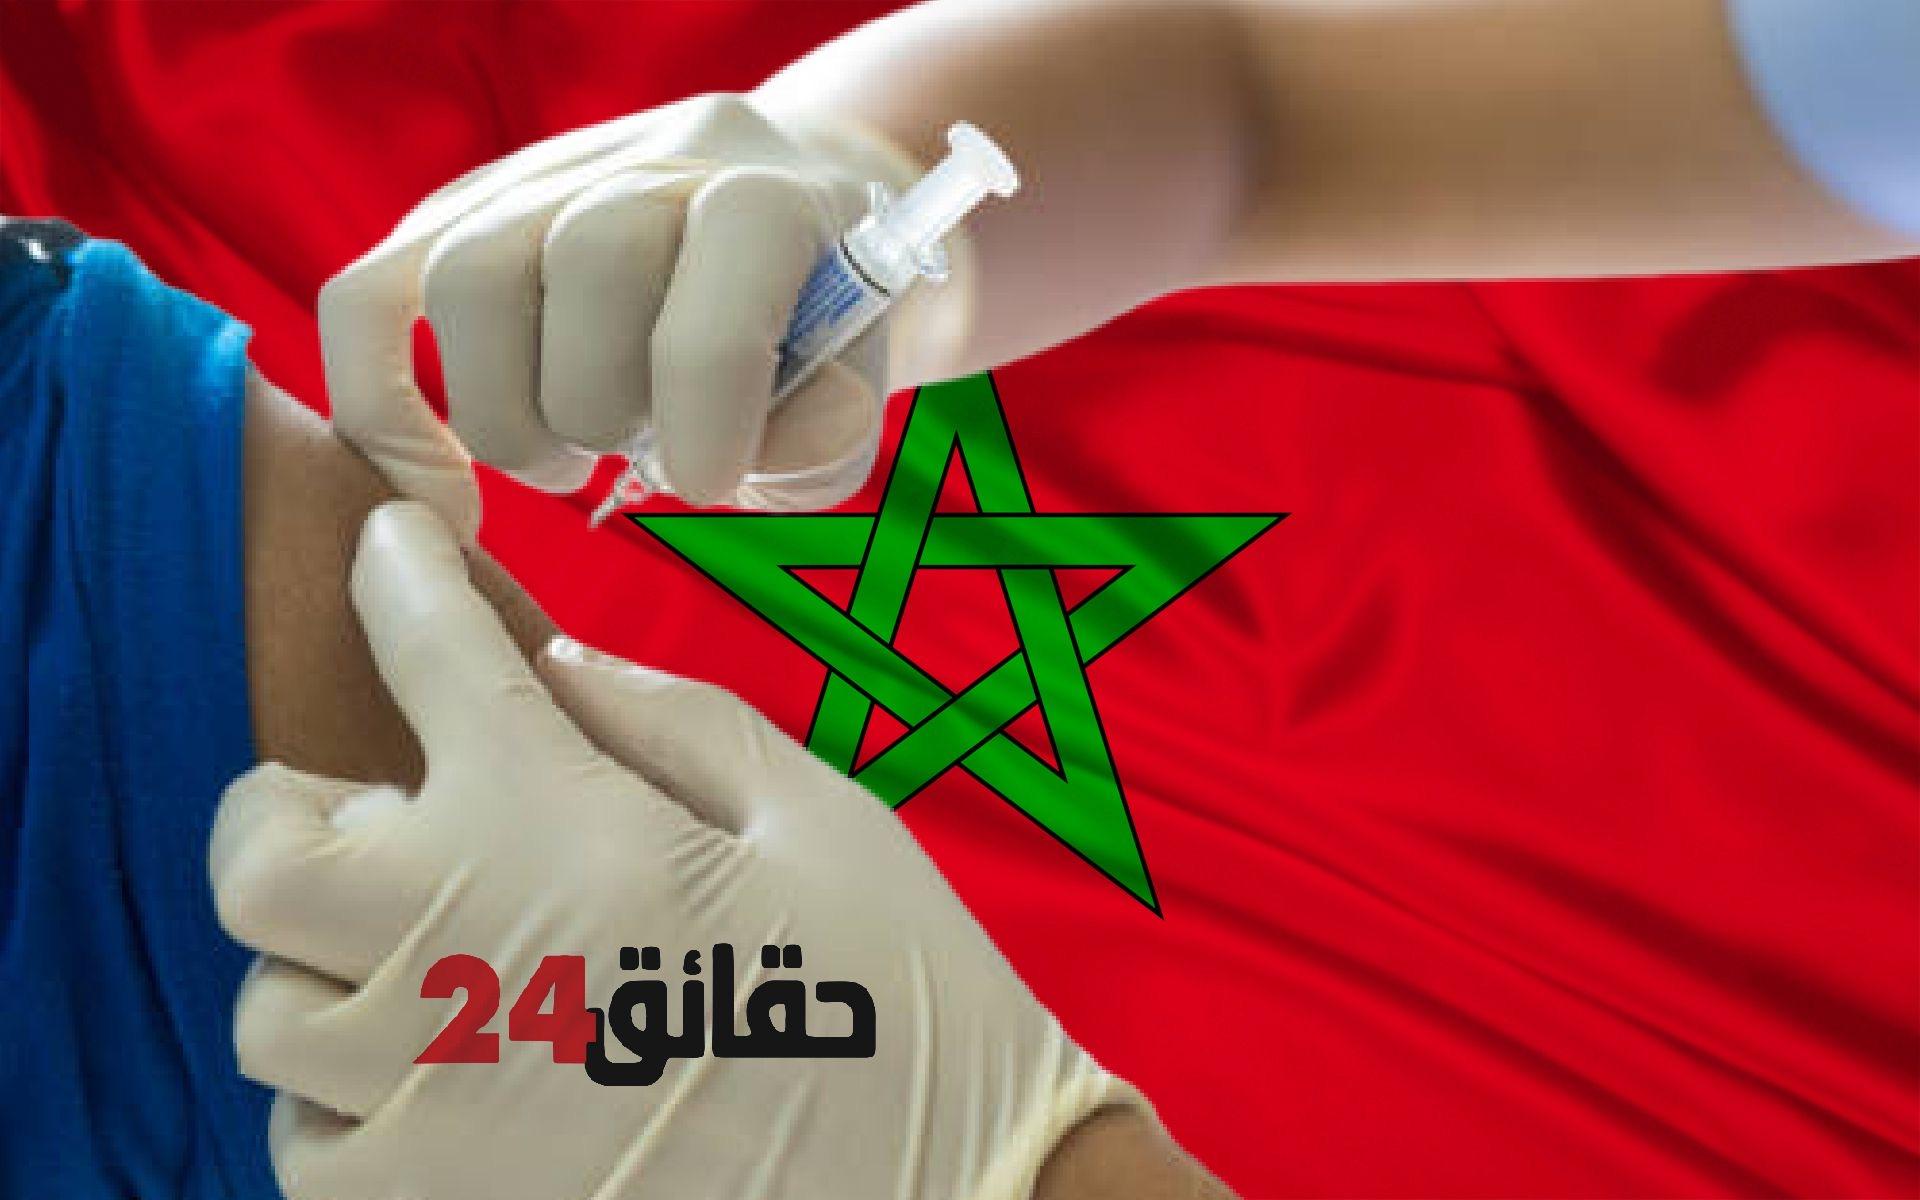 """صورة رسميا .. الهند ستصدر لقاح """" كورونا """" إلى المغرب ابتداء من غد الجمعة"""